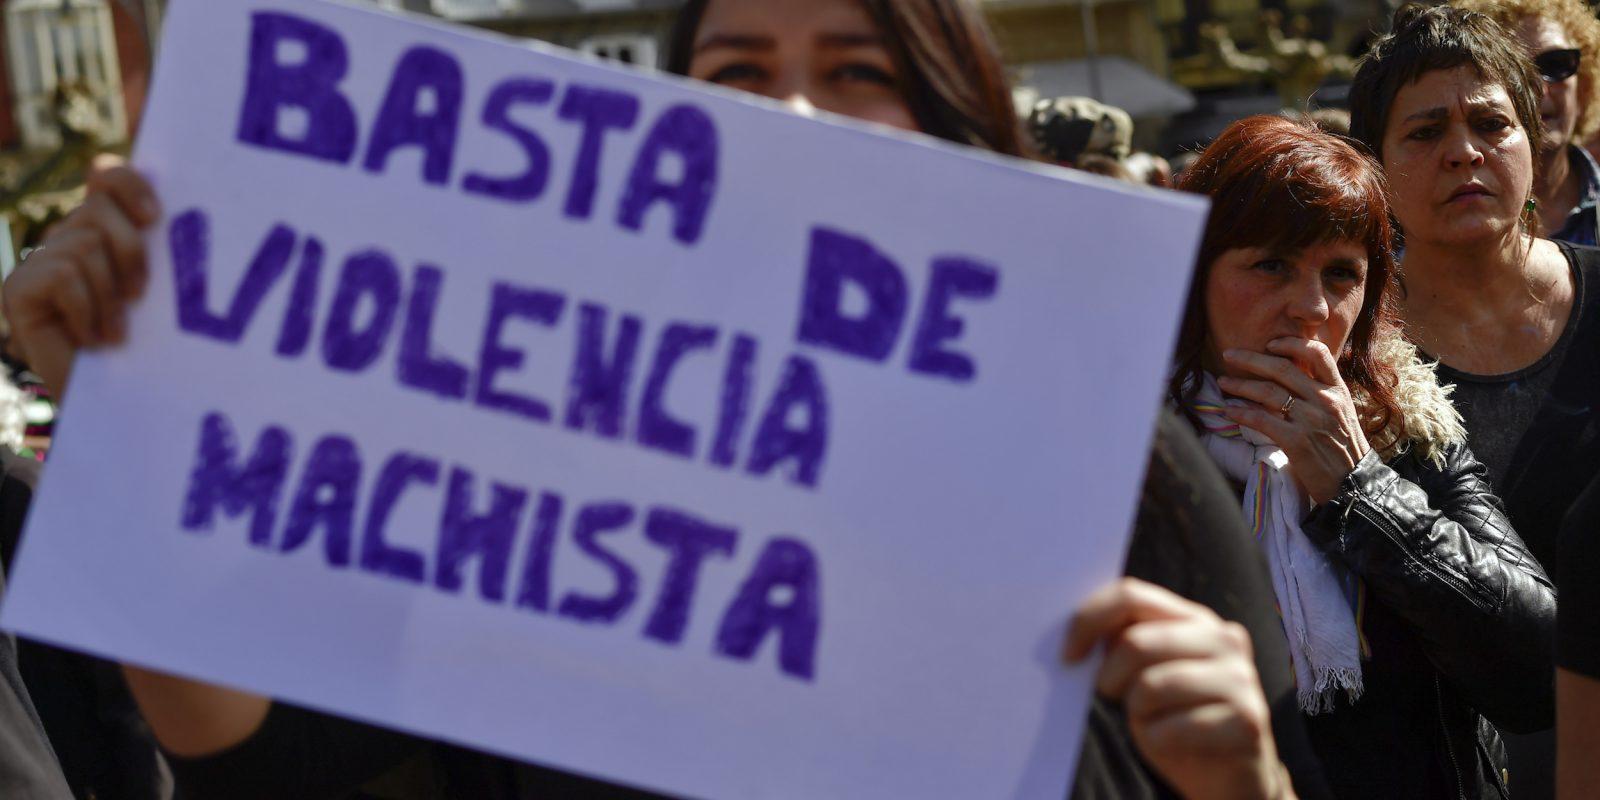 © Copyright 2017 The Associated Press. All rights reserved.. Imagen Por: Una mujer sostiene un letrero que pide que se detenga la violencia de parte de hombres a las mujeres, durante una protesta en Pamplona, norte de España. / Foto: AP